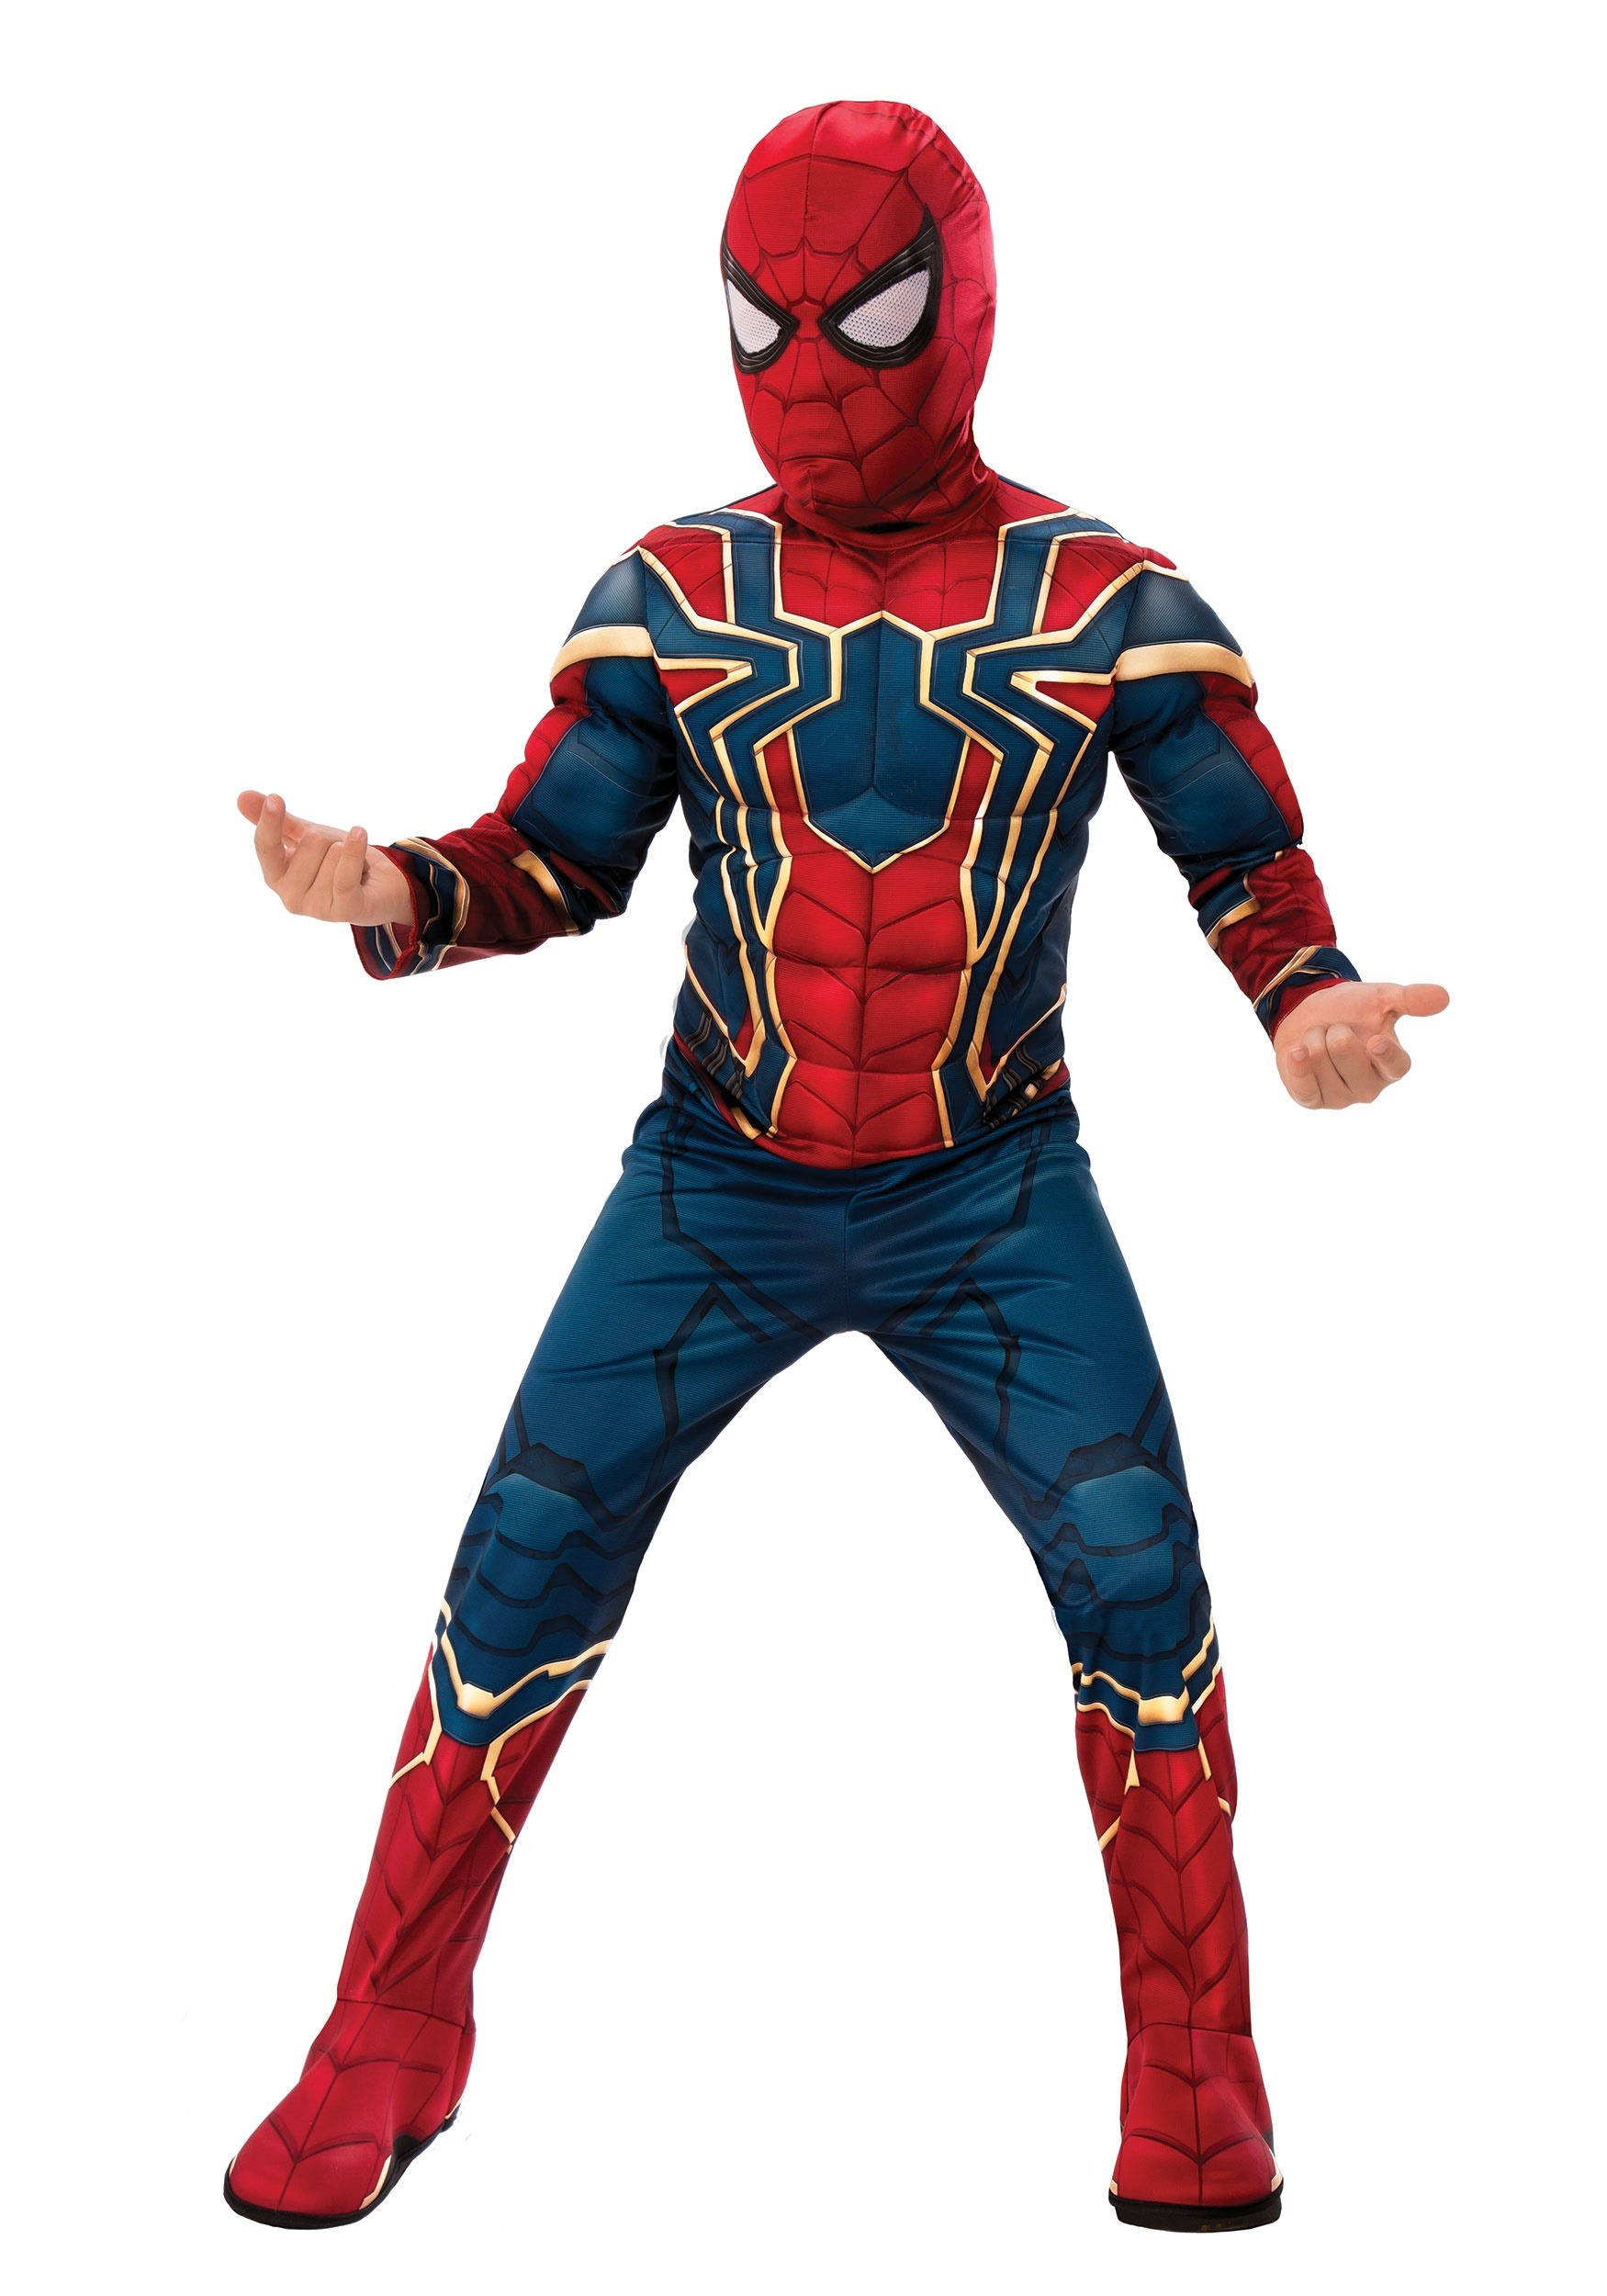 Marvel Infinity War Deluxe Iron Spider Kid's Costume RU641057